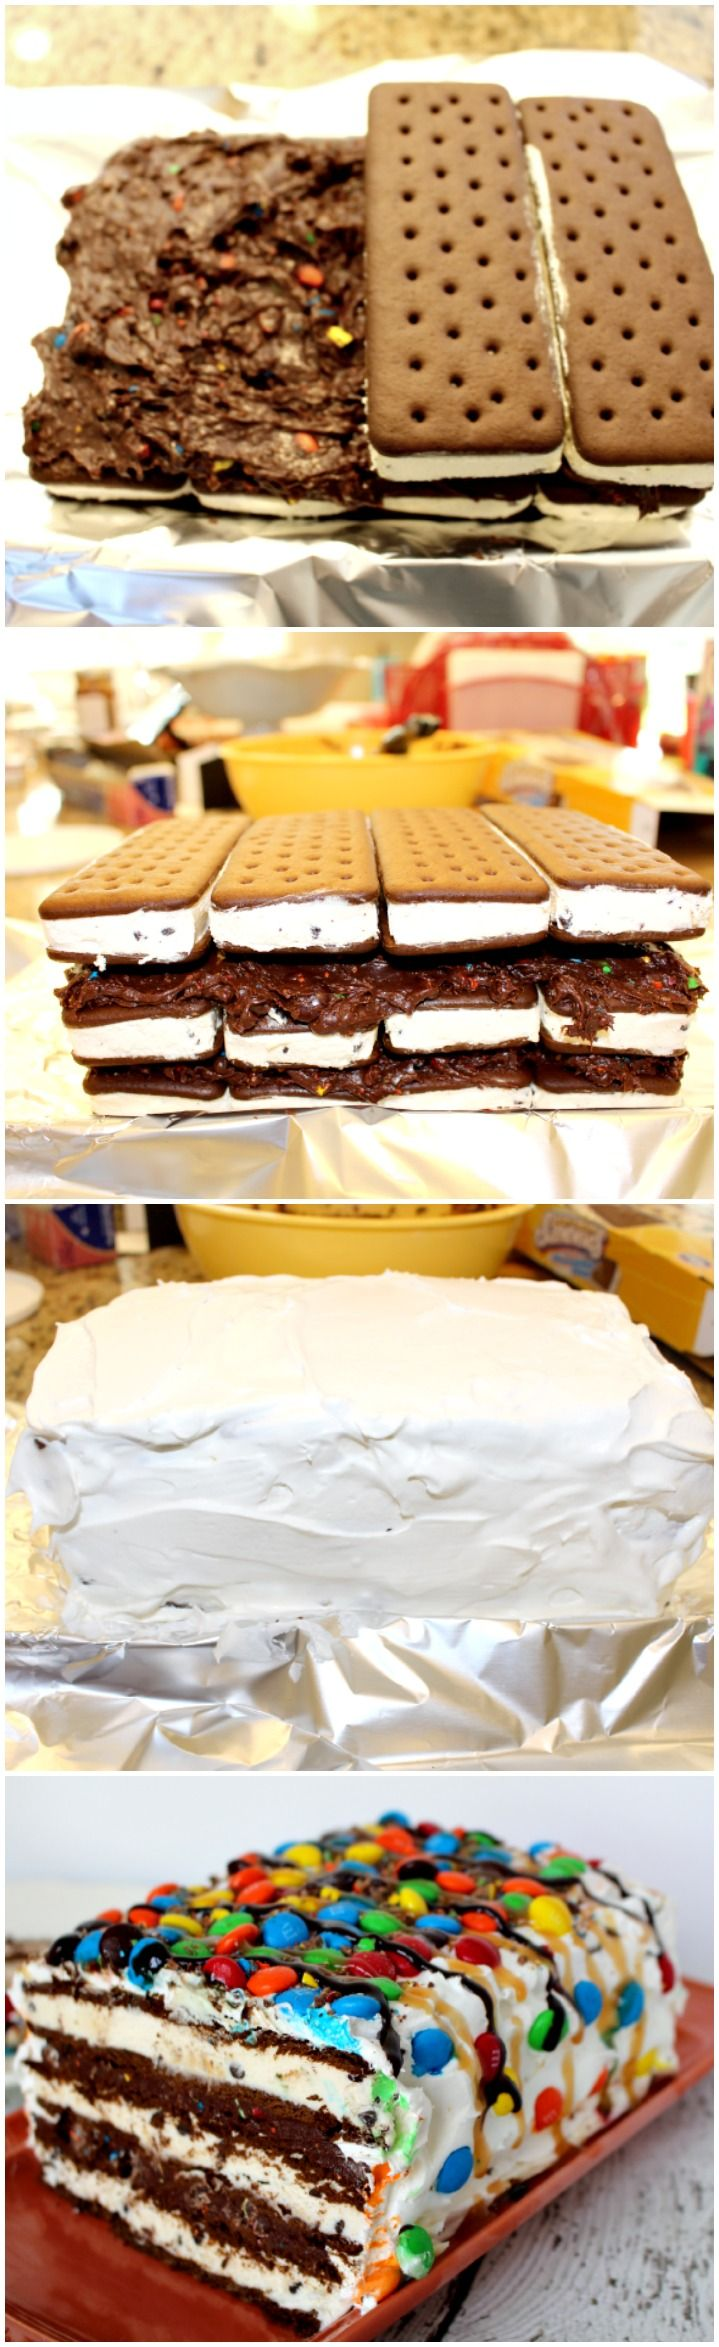 NO bake ice cream sandwich cake Favorite Desserts Kids Gteaux